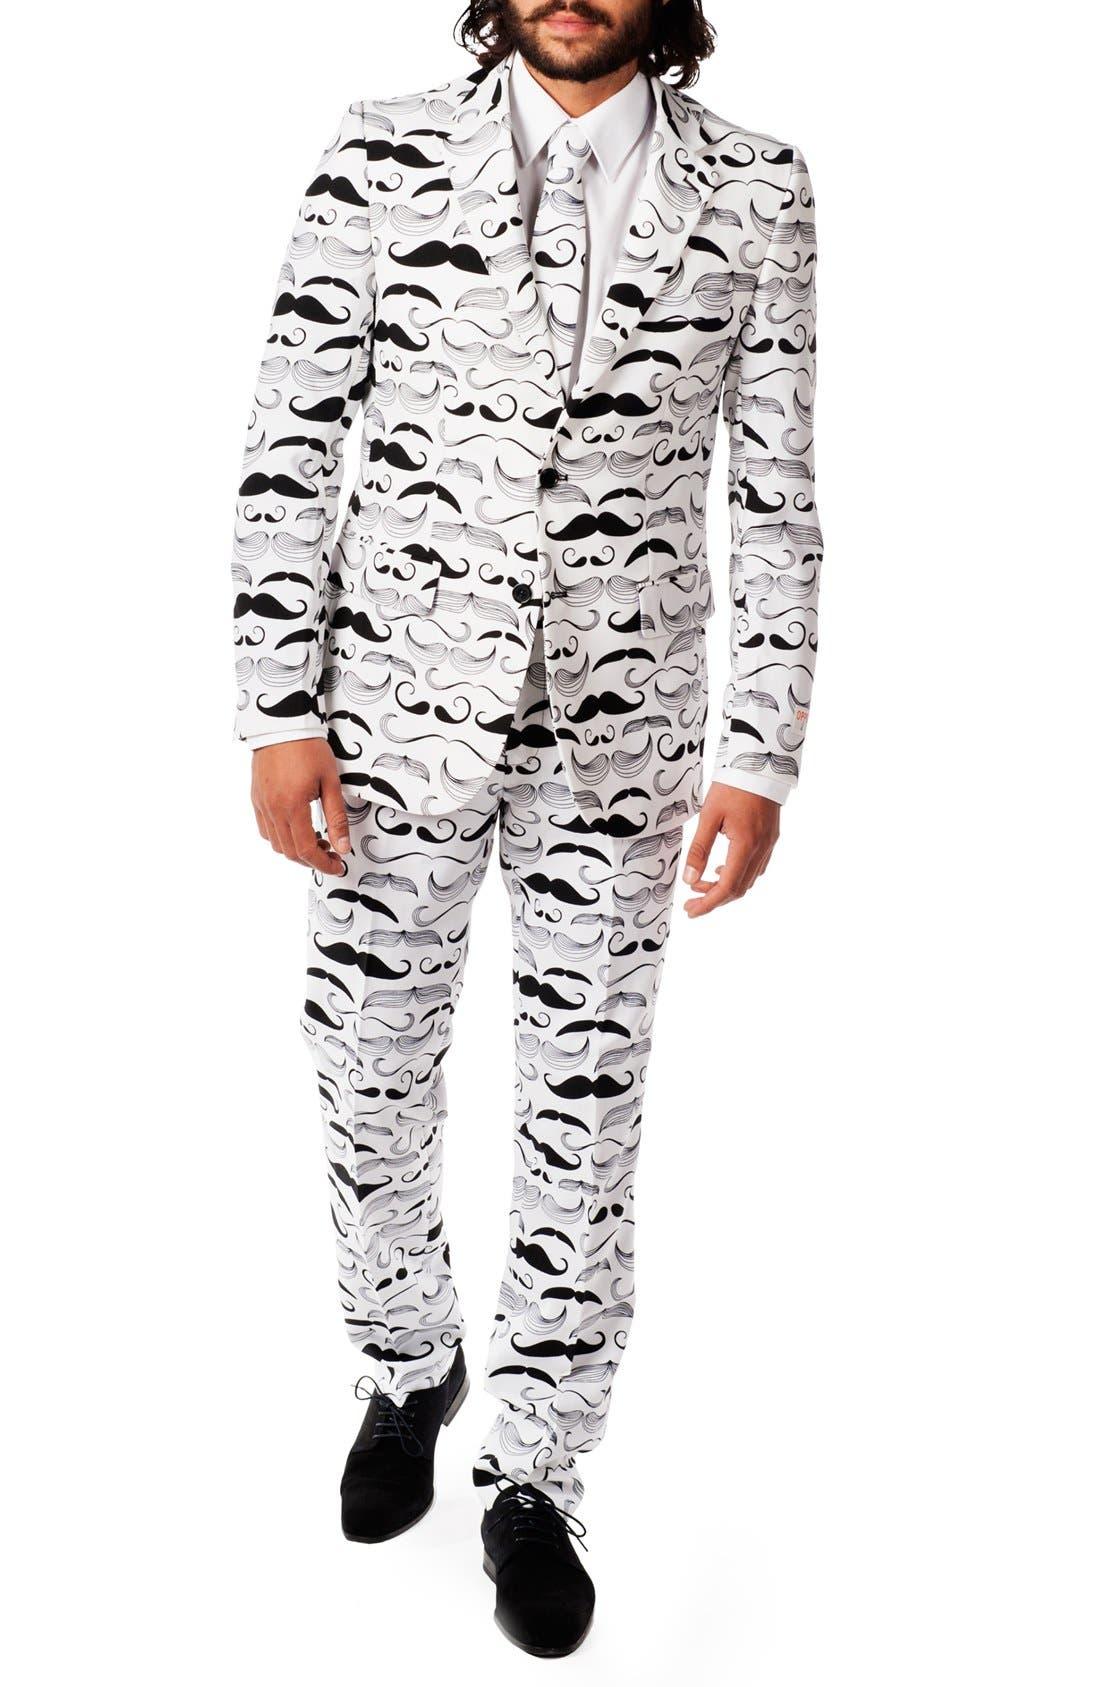 'Tashtastic' Trim Fit Two-Piece Suit with Tie,                             Main thumbnail 1, color,                             White